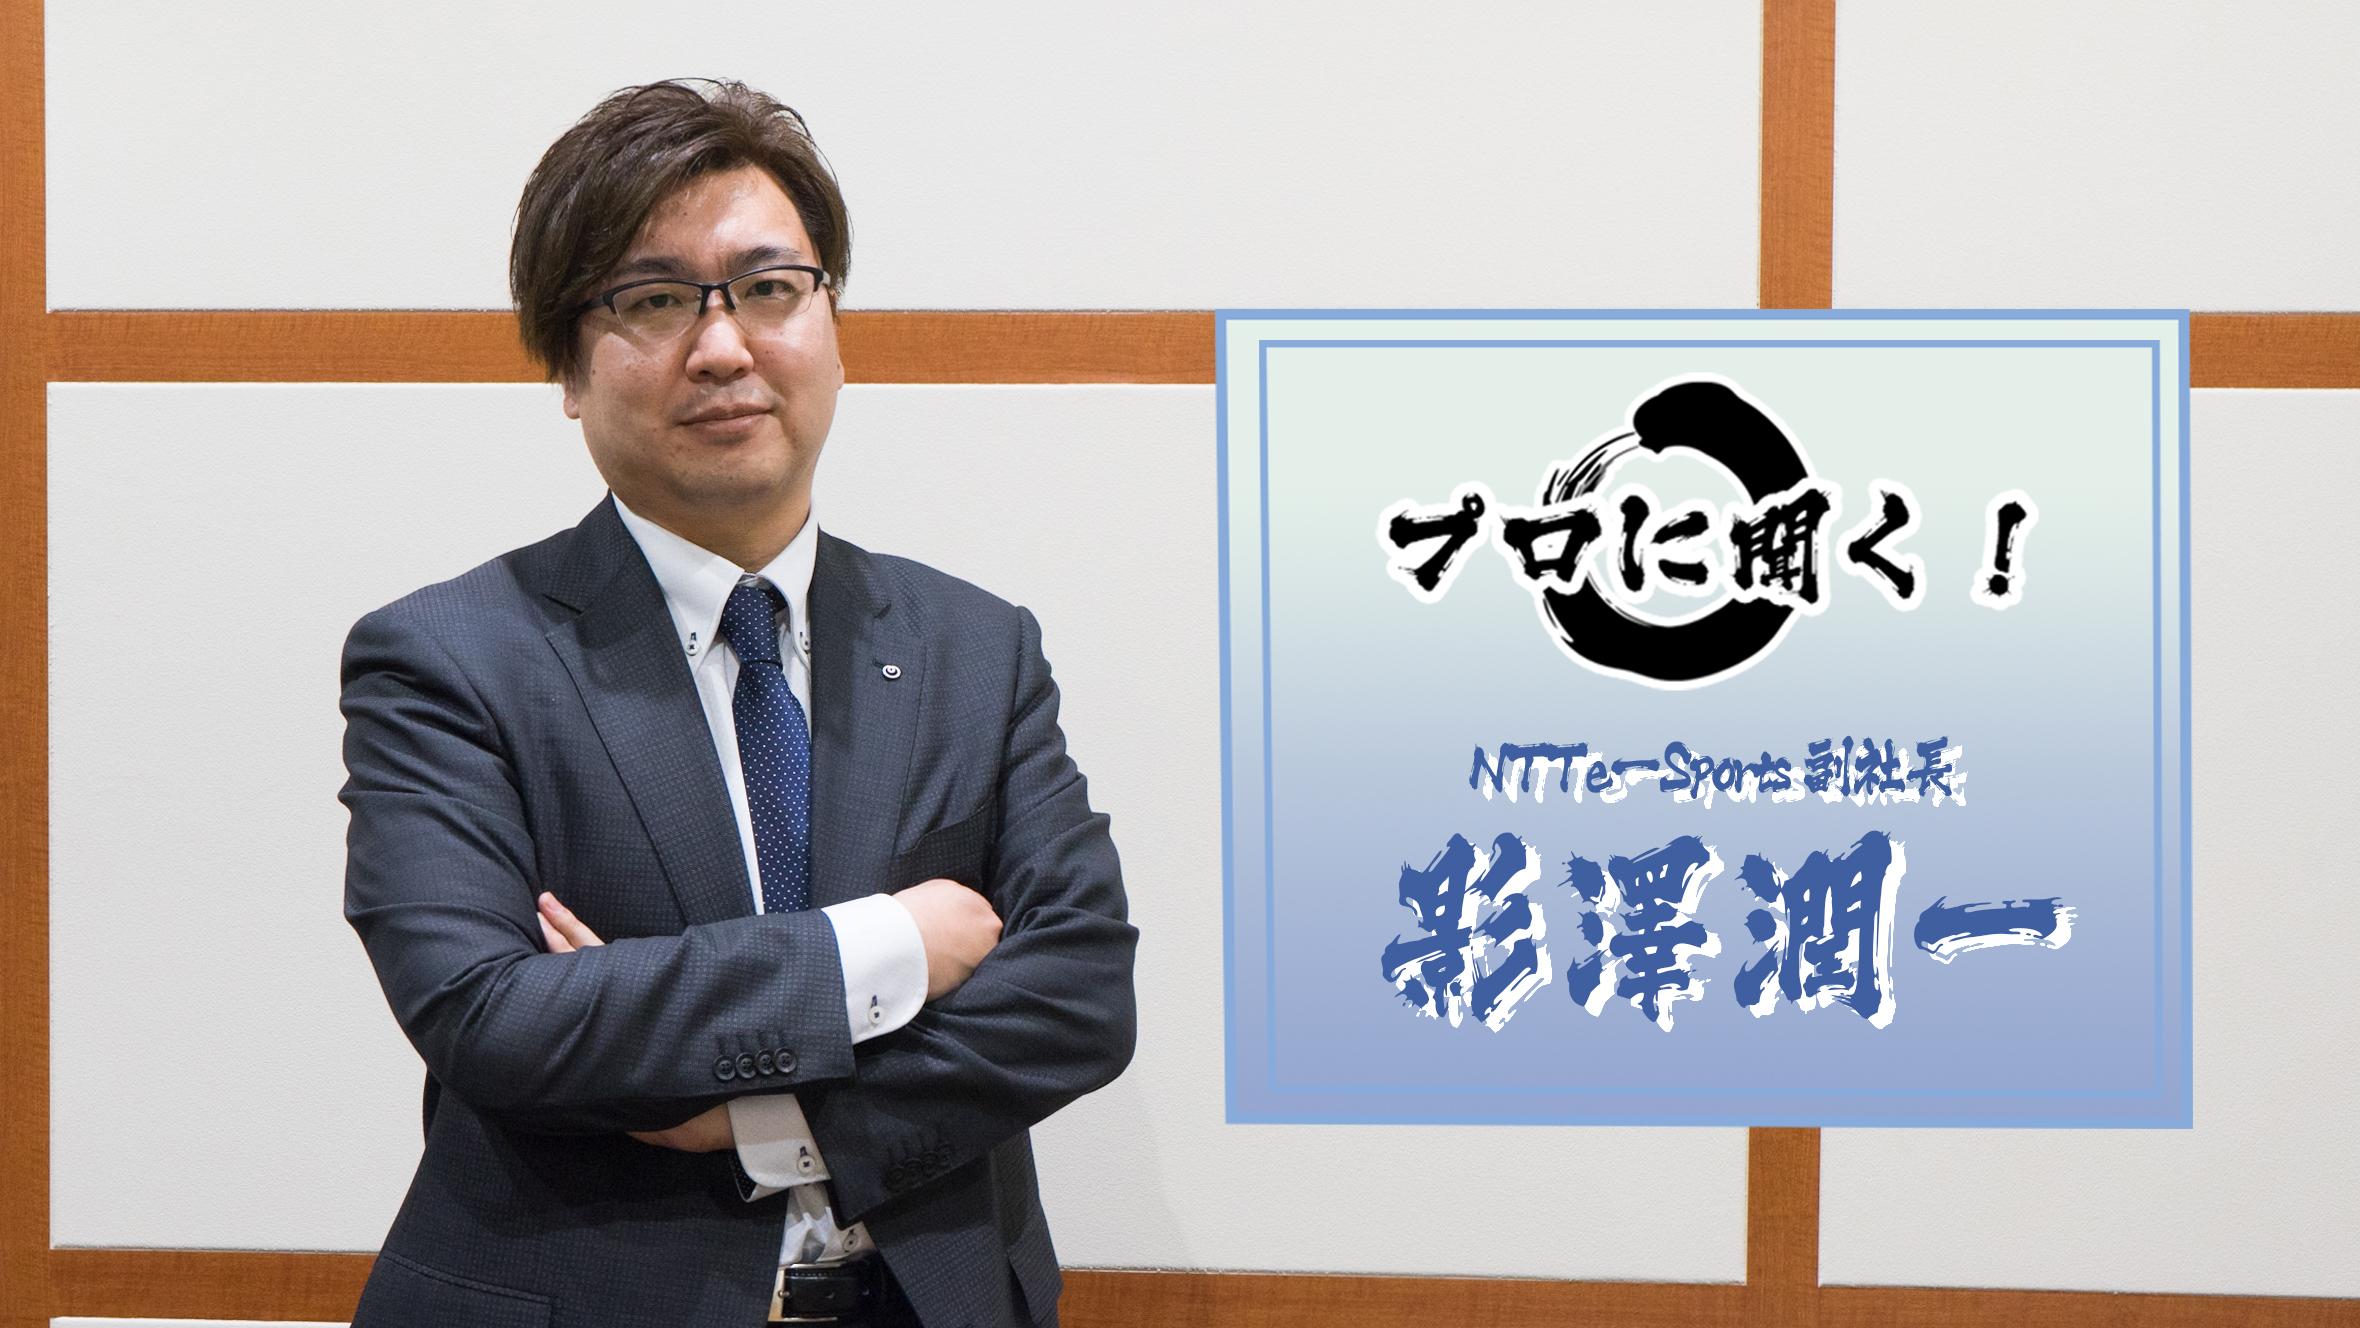 【プロに聞く!】NTTがeスポーツに参入したそのワケは?NTTe-Sports副社長、影澤潤一さんへインタビューしてきました!